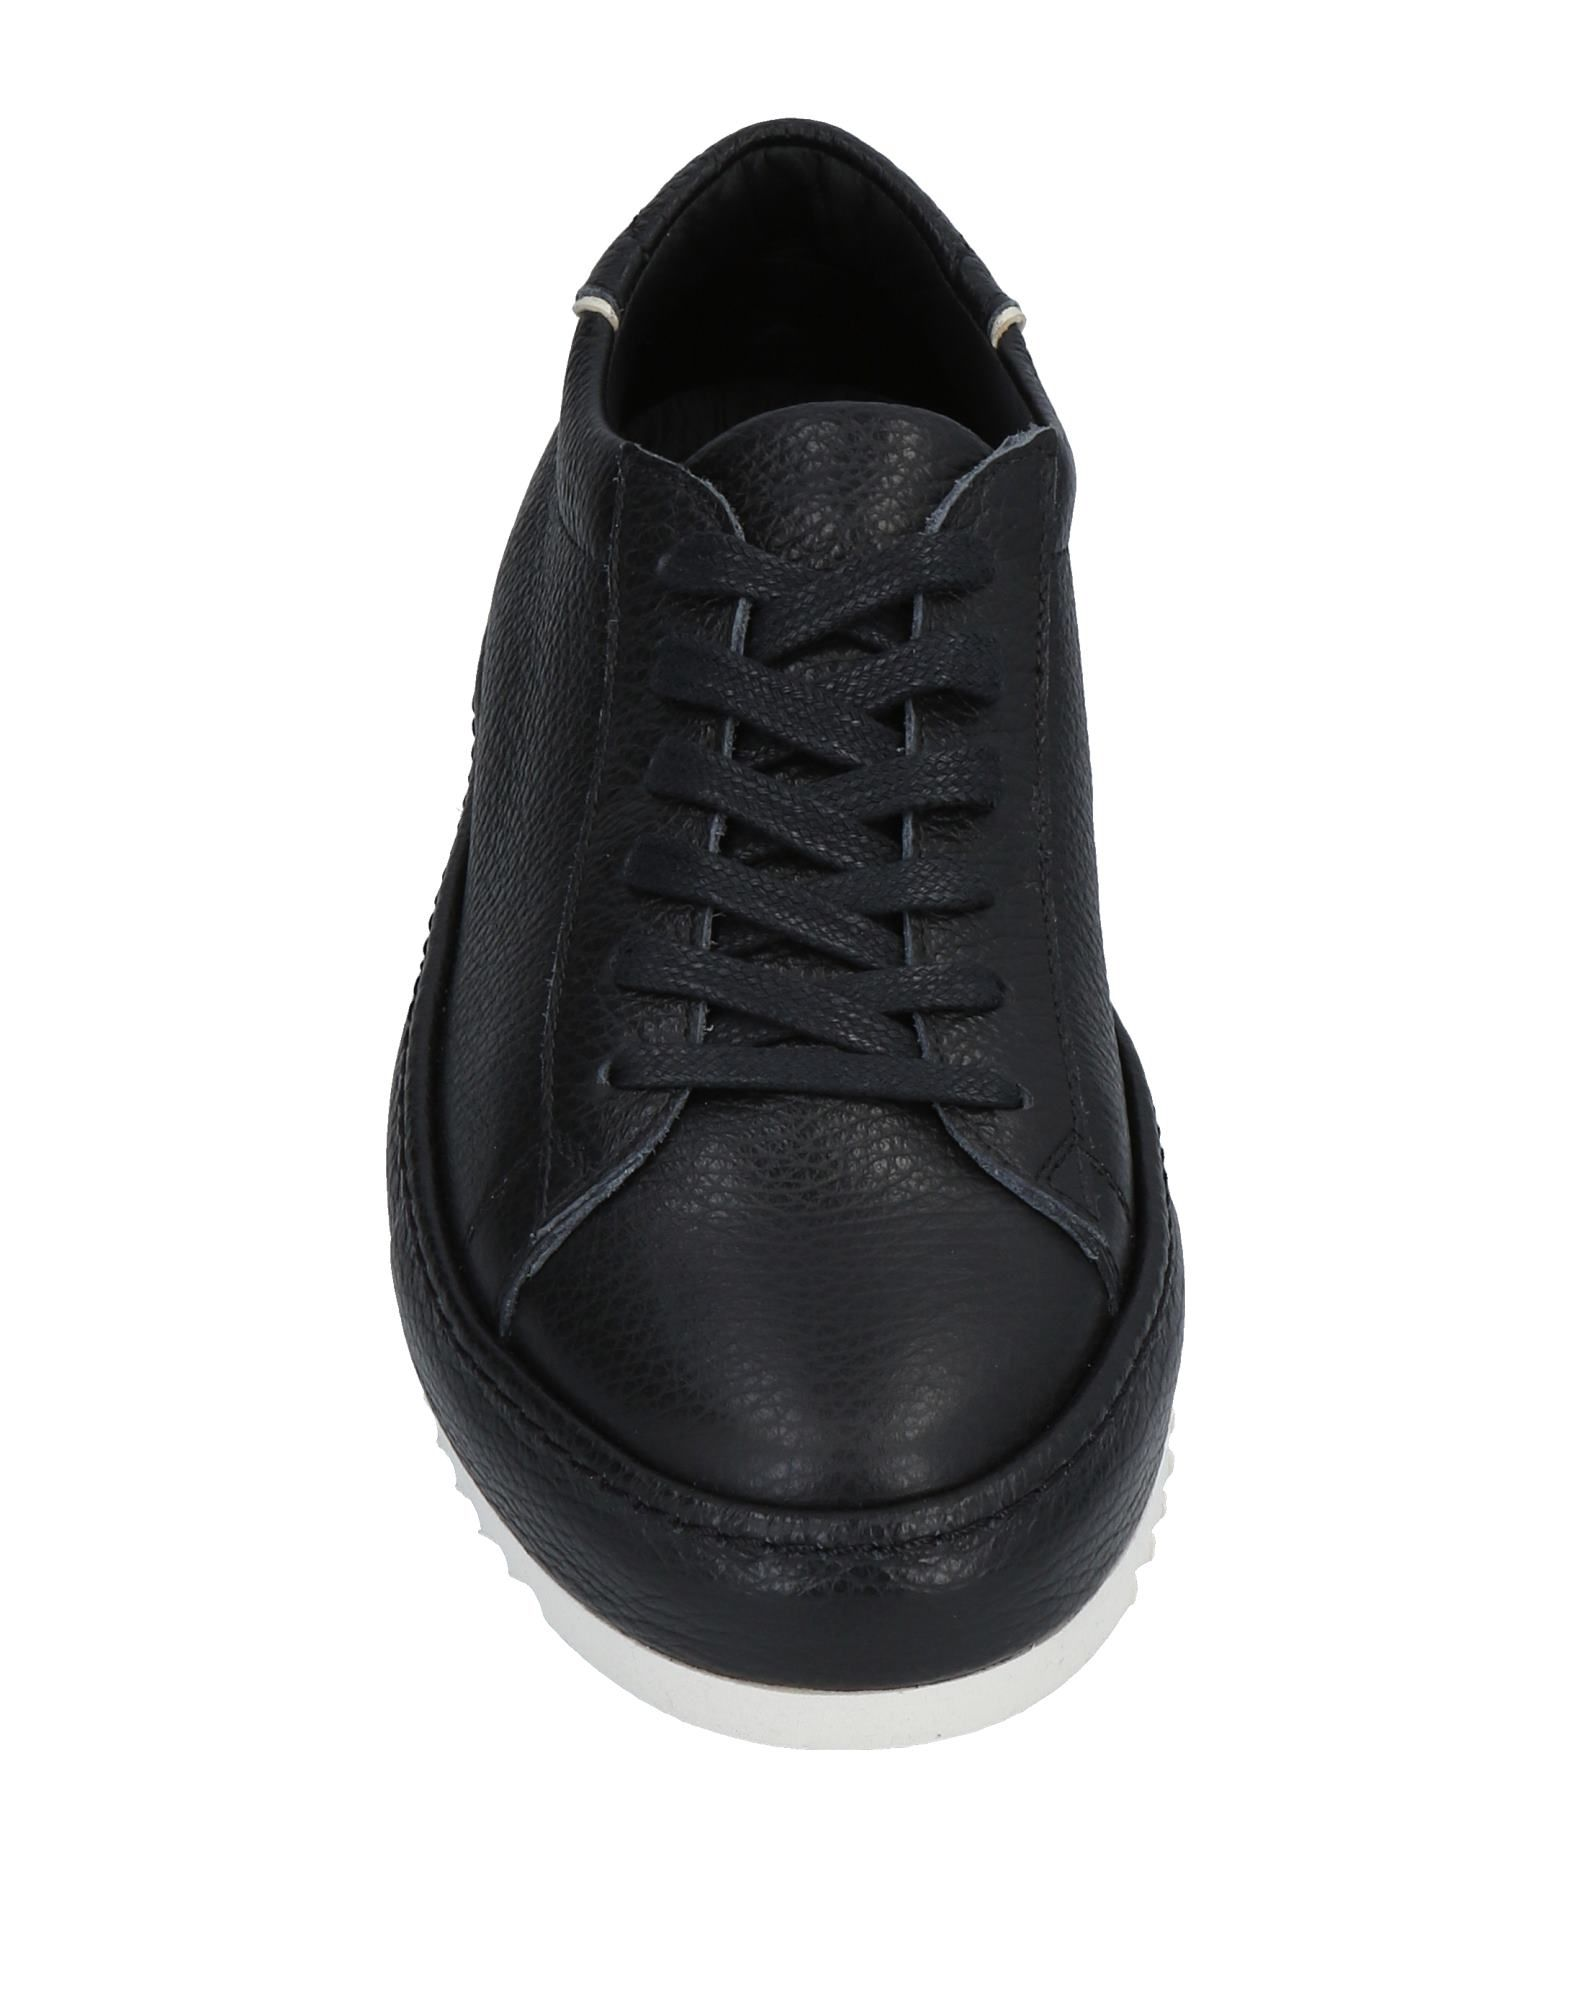 Stilvolle billige Damen Schuhe Philippe Model Sneakers Damen billige  11482270JP a7bfee